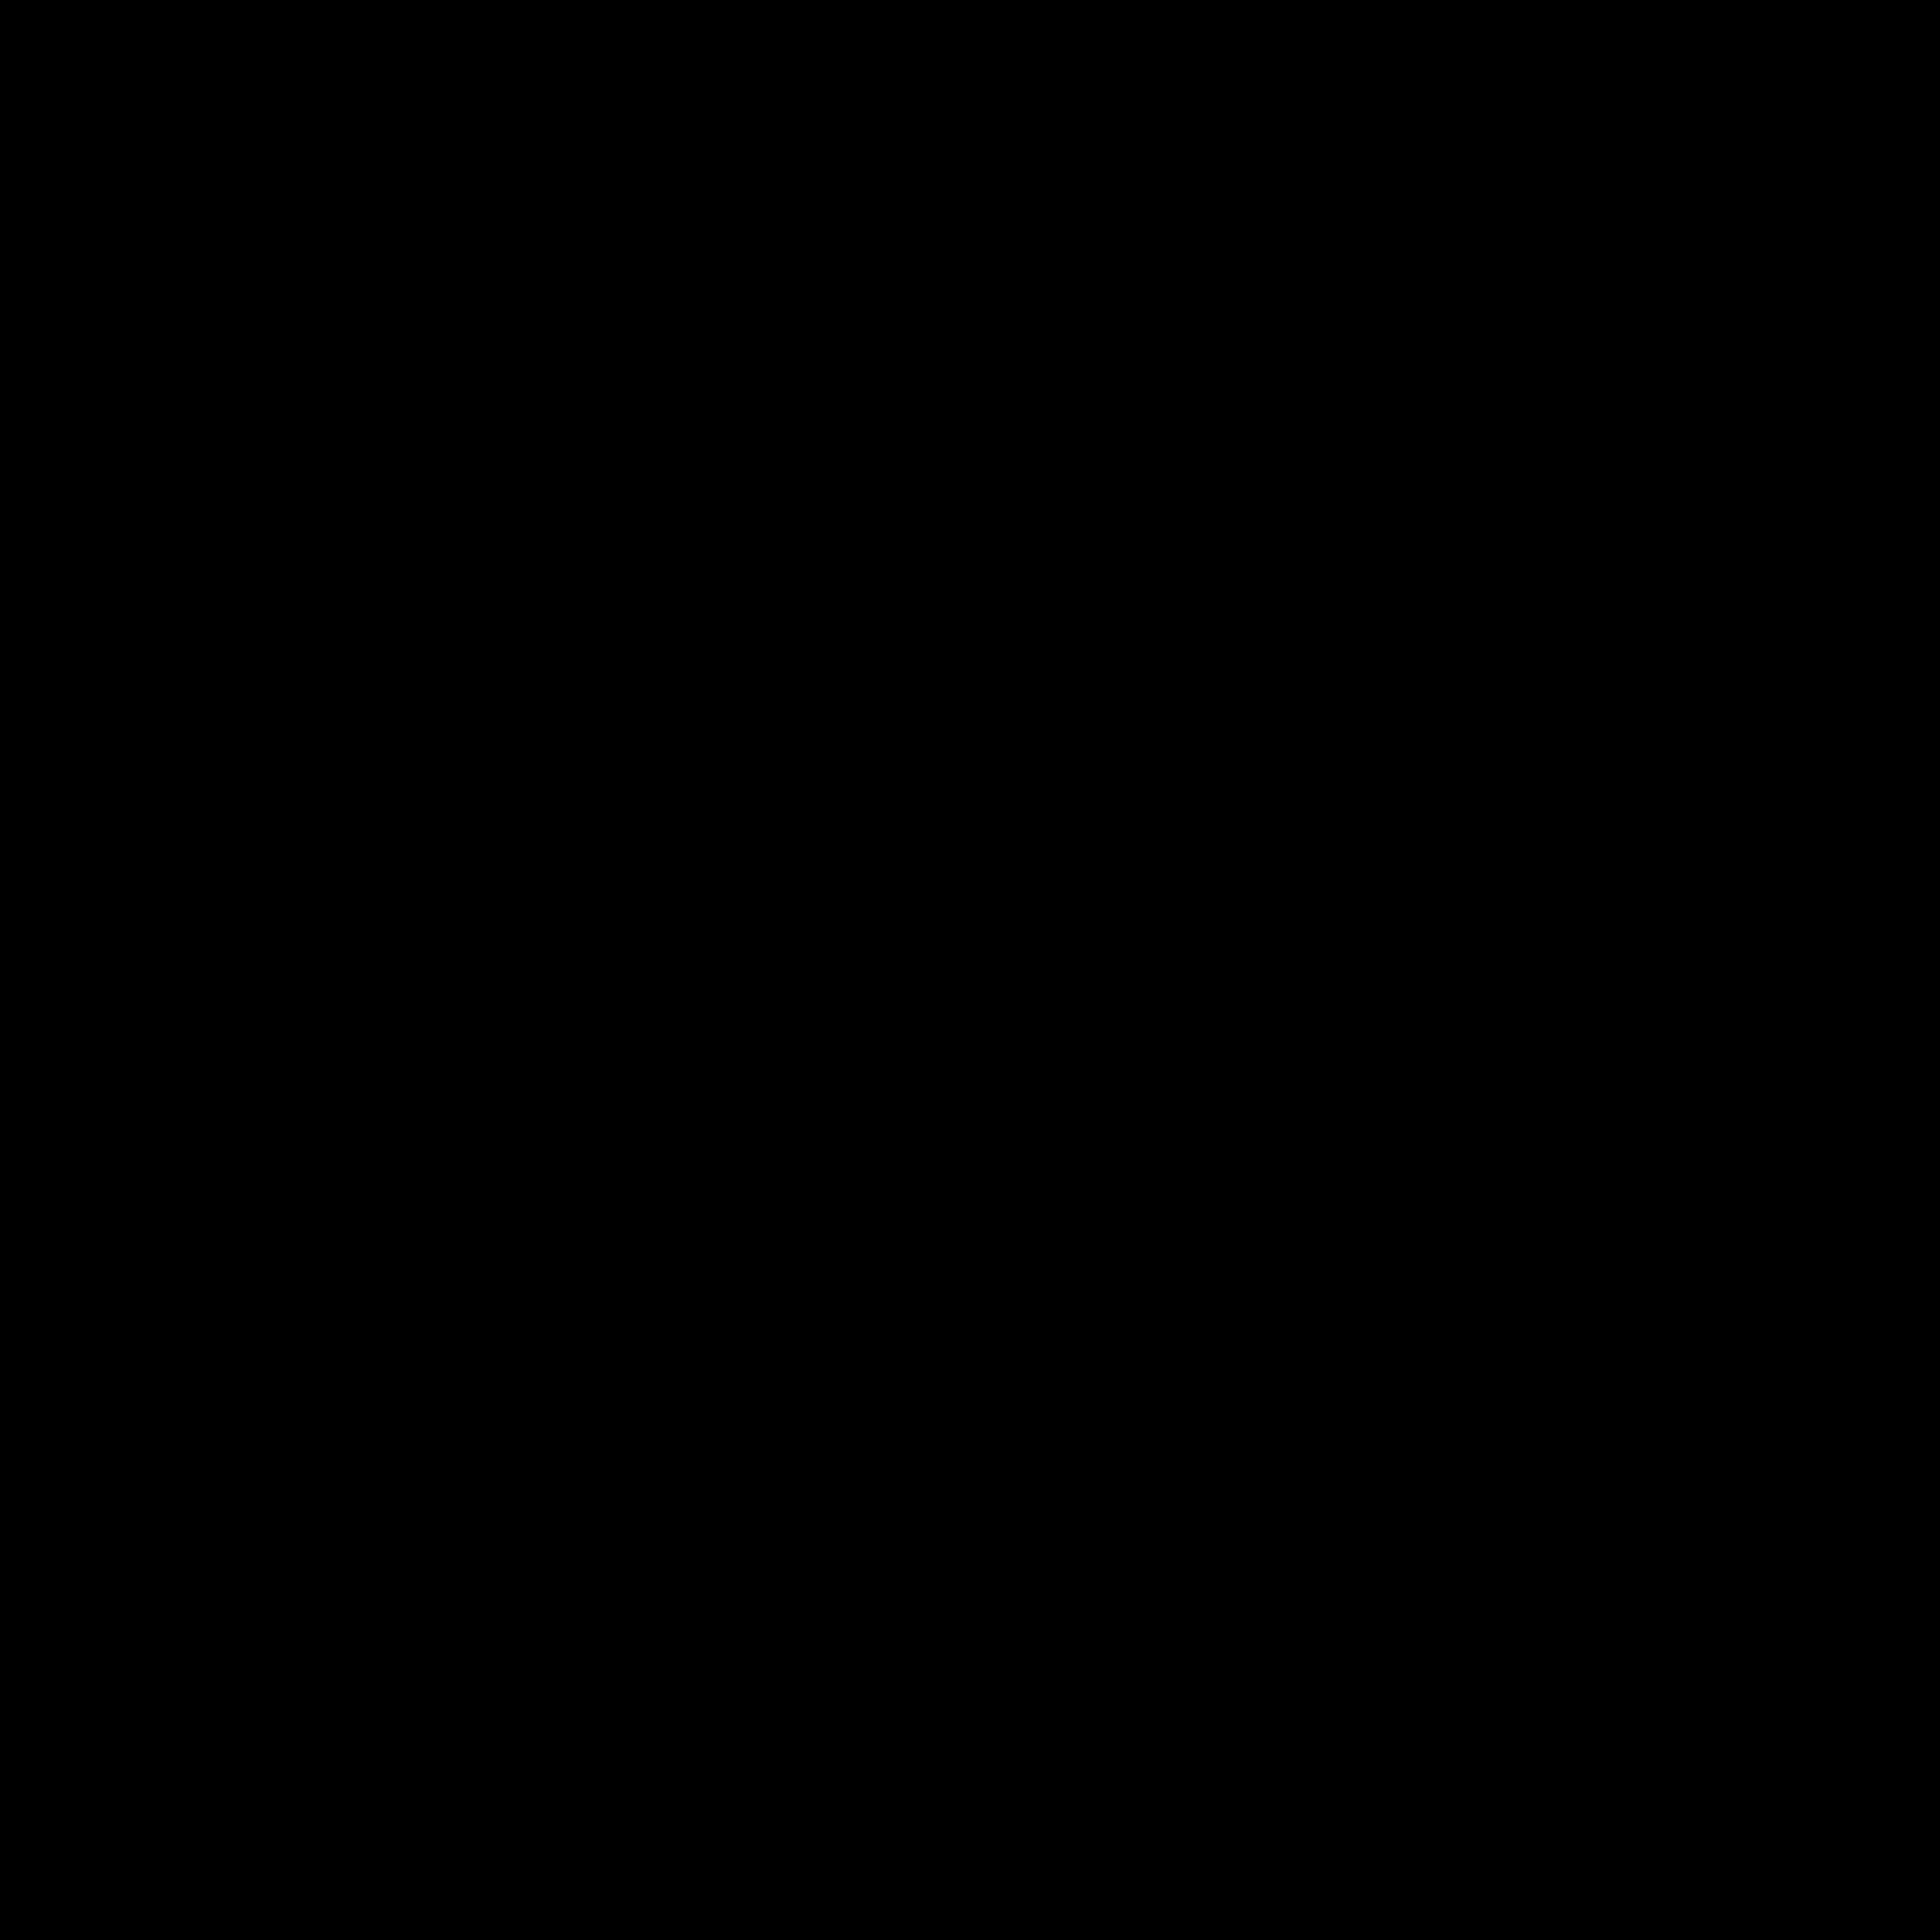 Philadelphia 76ers Logo Png Transparent & Svg Vector.